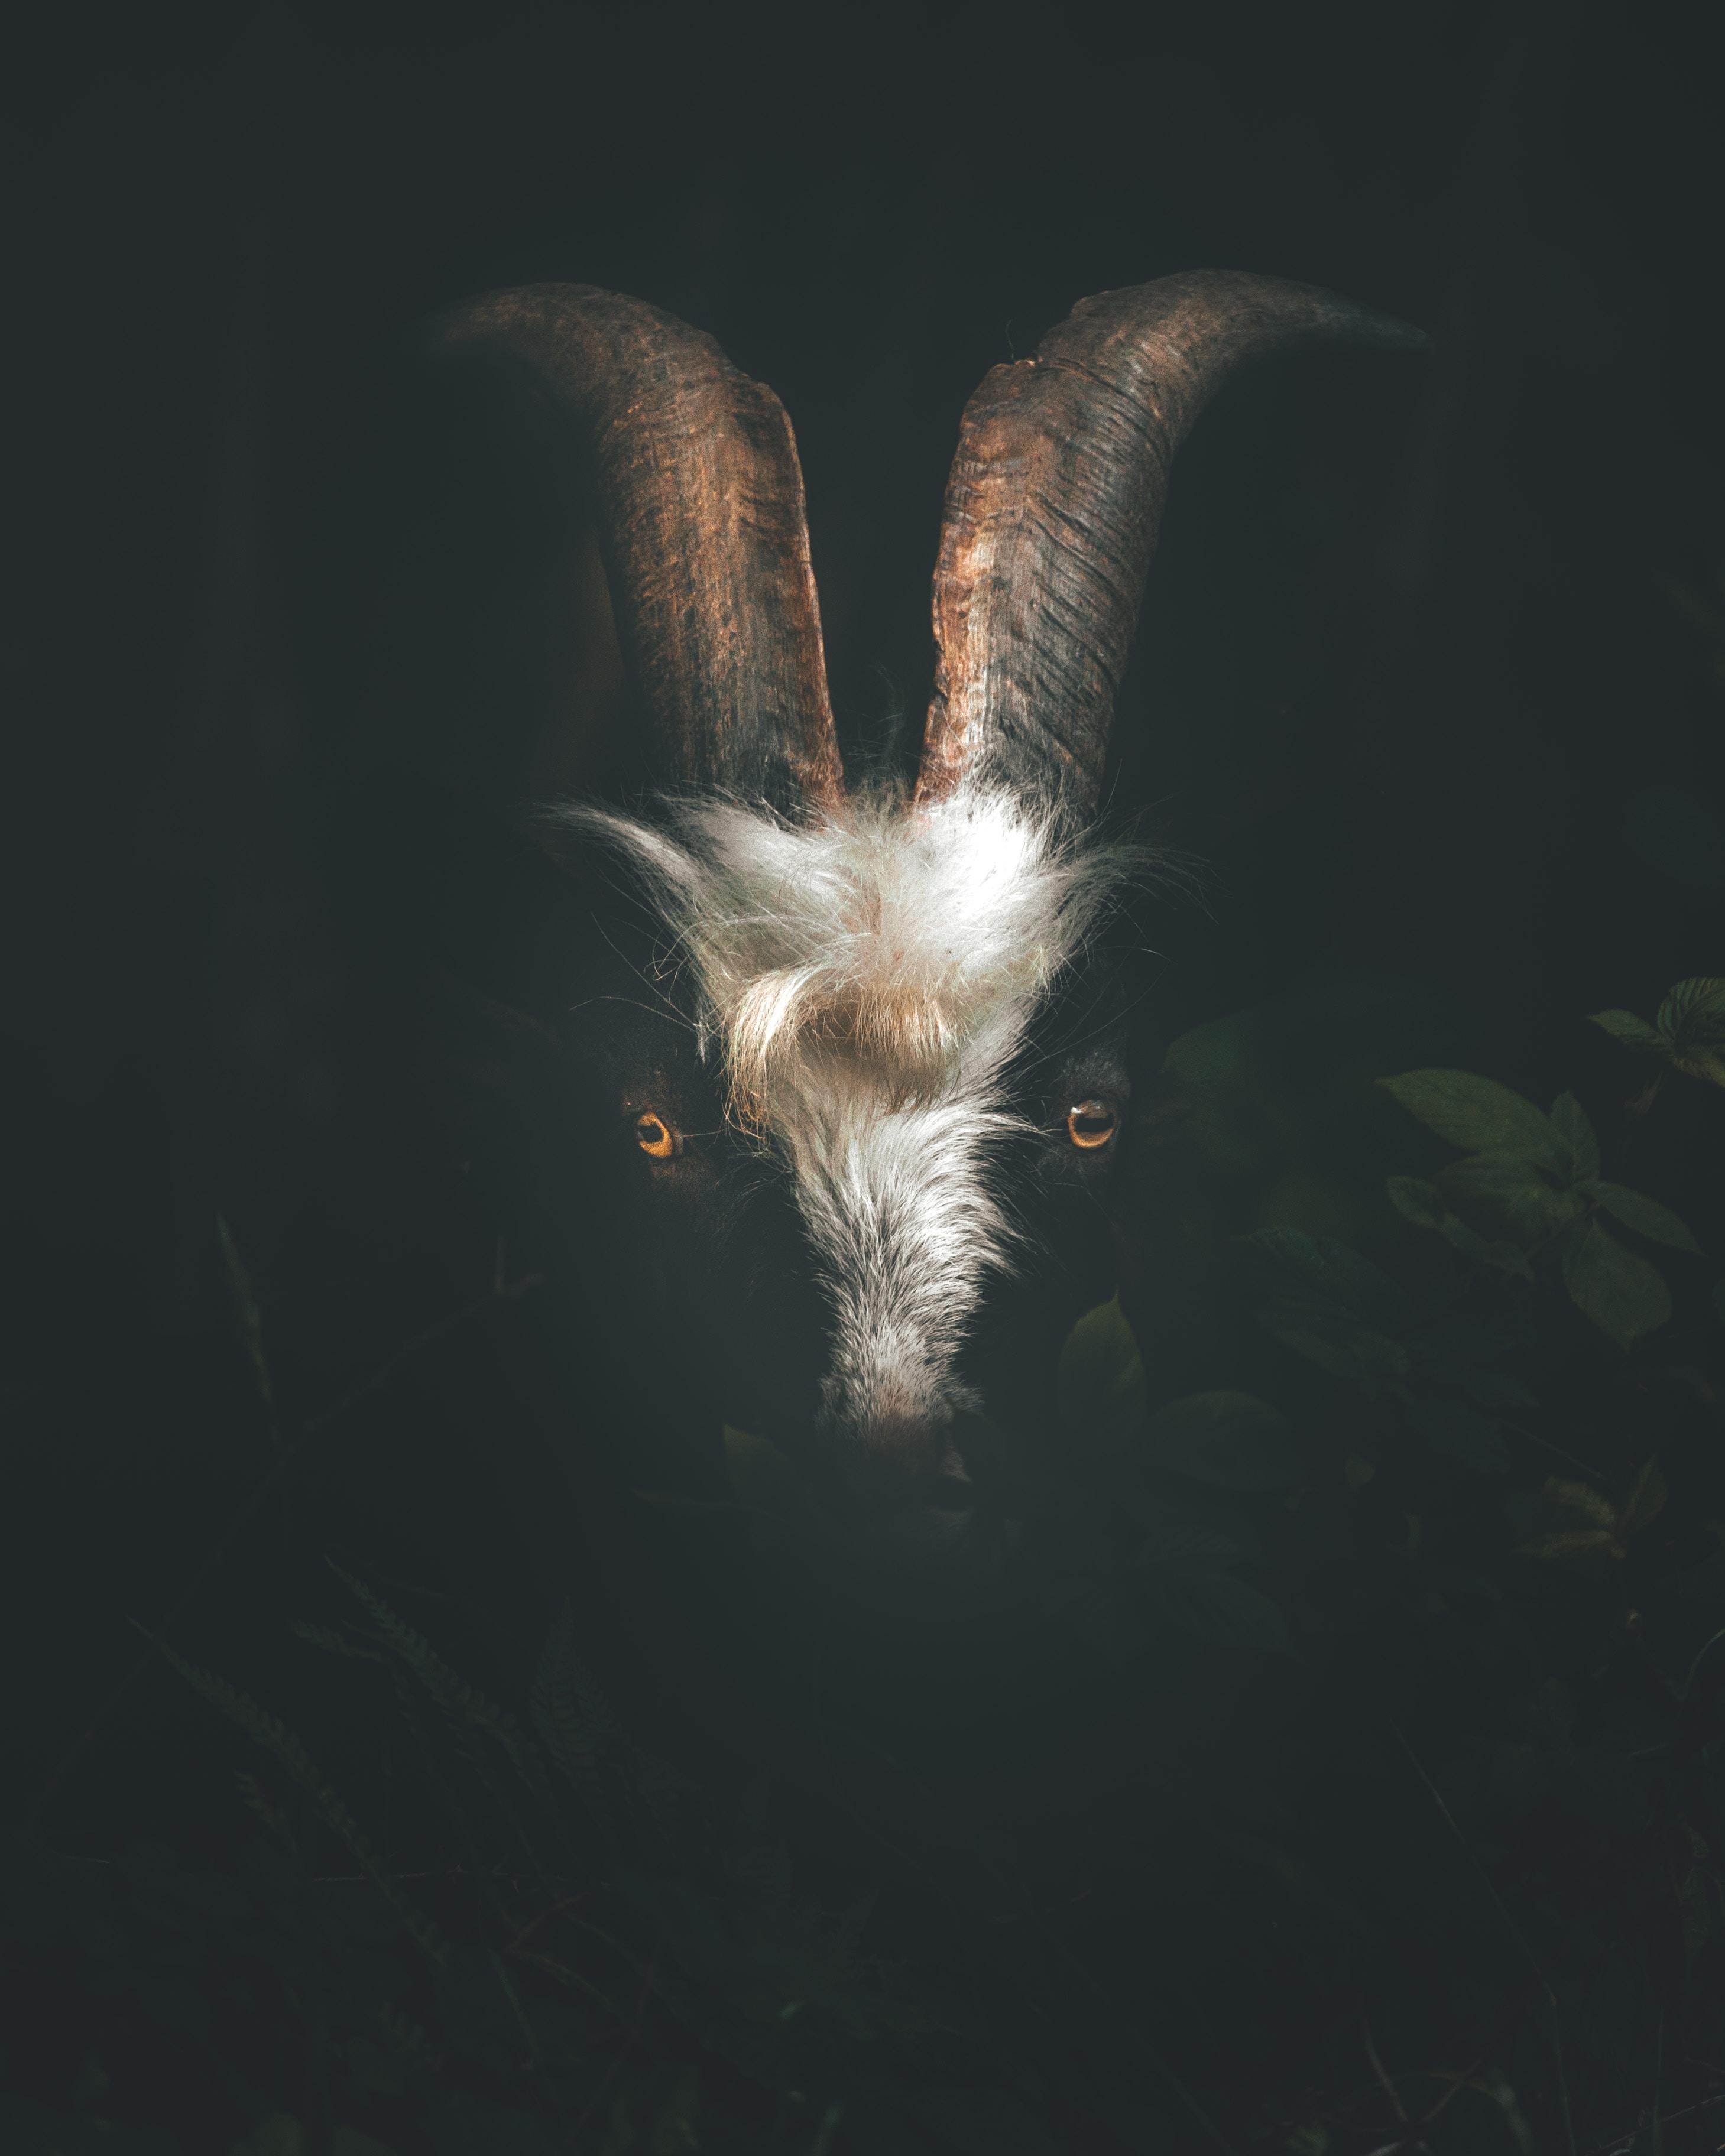 macro shot photography of ram